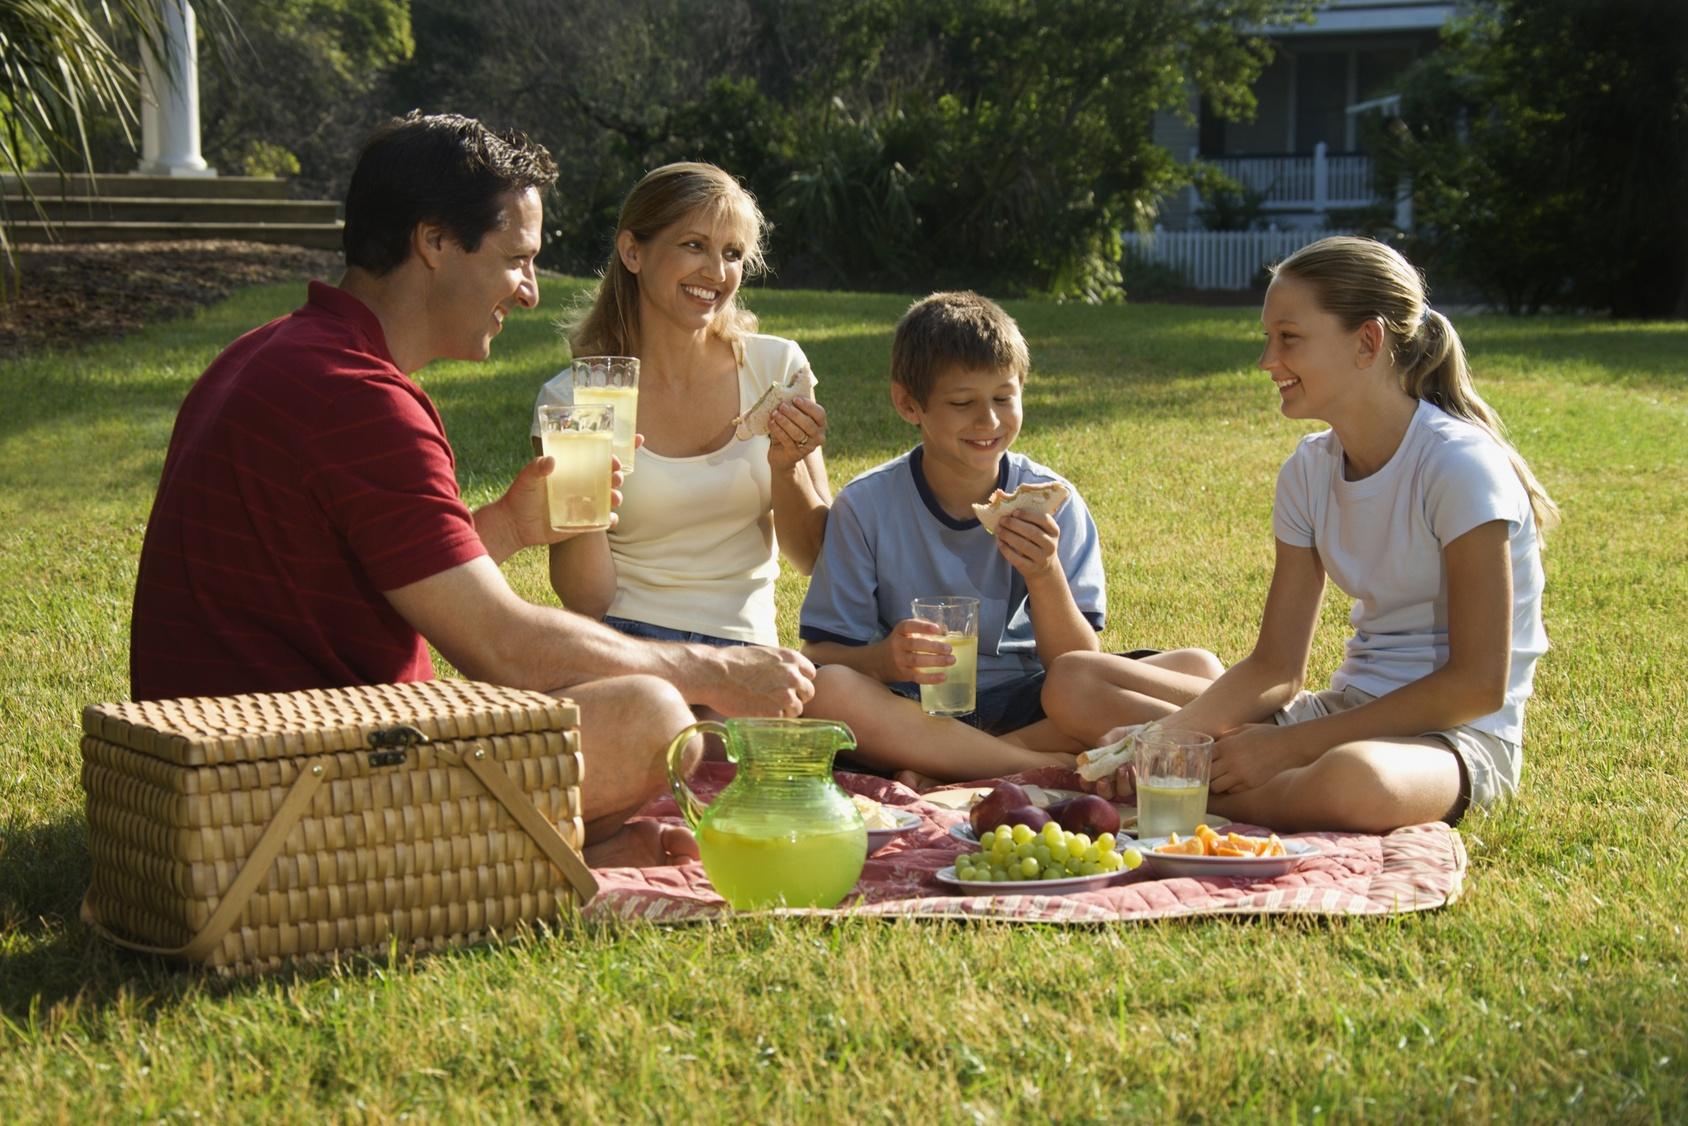 майские праздники: отдыхать - хорошо, а с удобным графиком - ещё лучше?